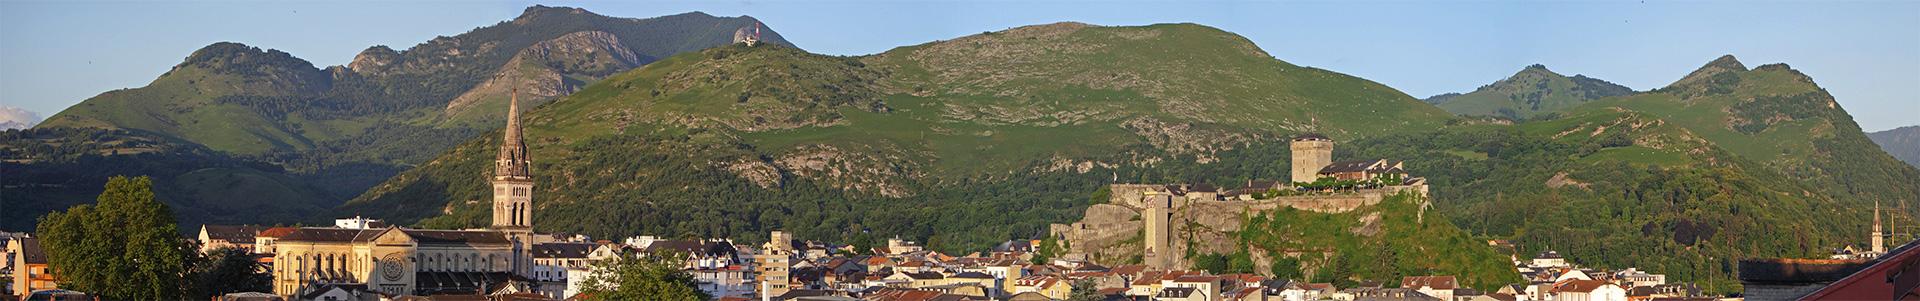 Panoramique-Chteau-retaille